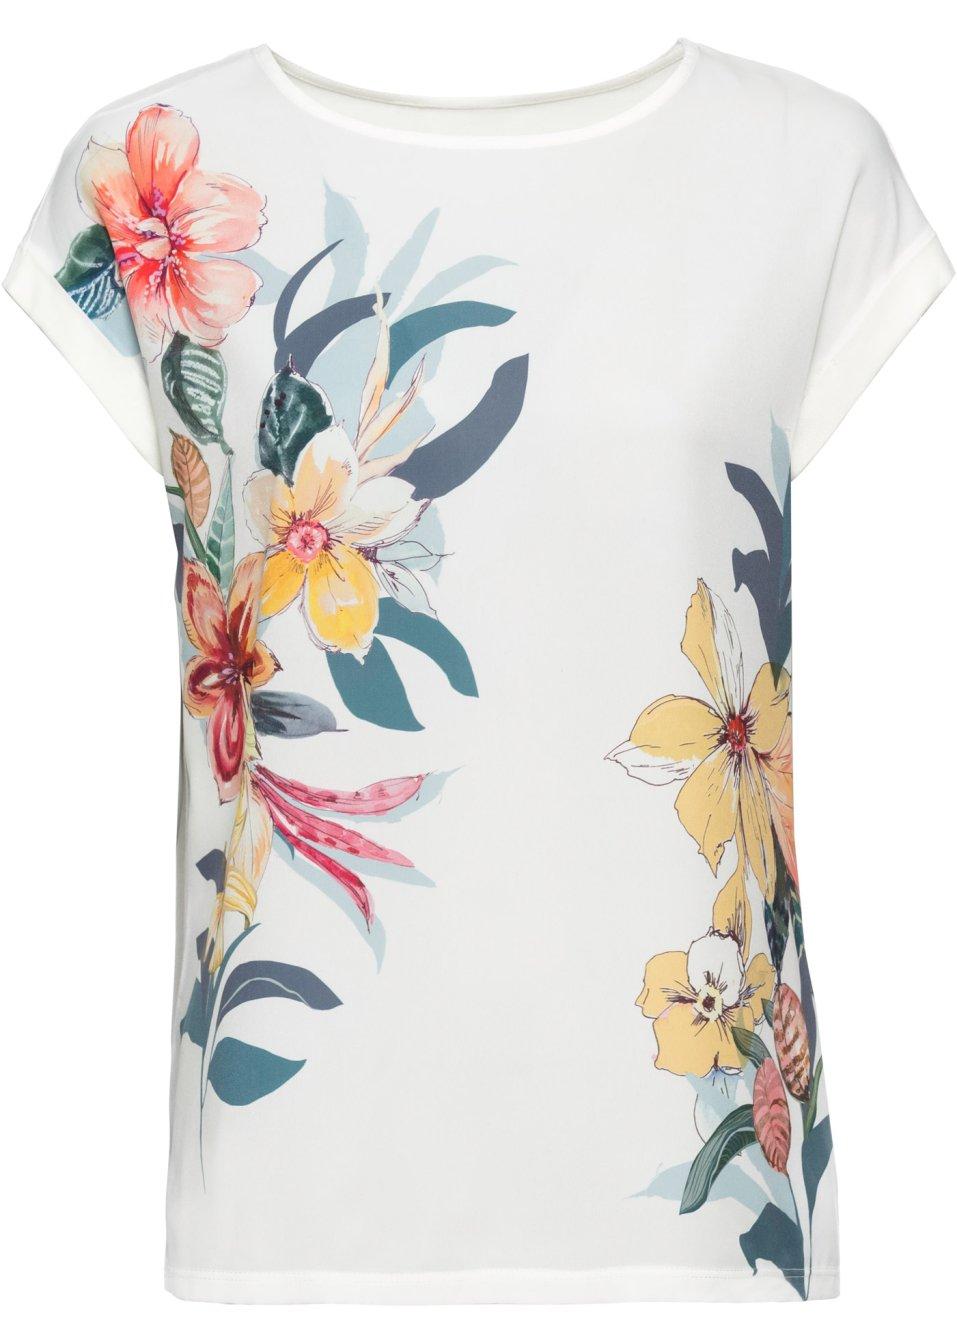 bedrucktes Shirt im Material-Mix wollweiß geblümt - BODYFLIRT online kaufen - bonprix.de 8Ftxd WNuUr